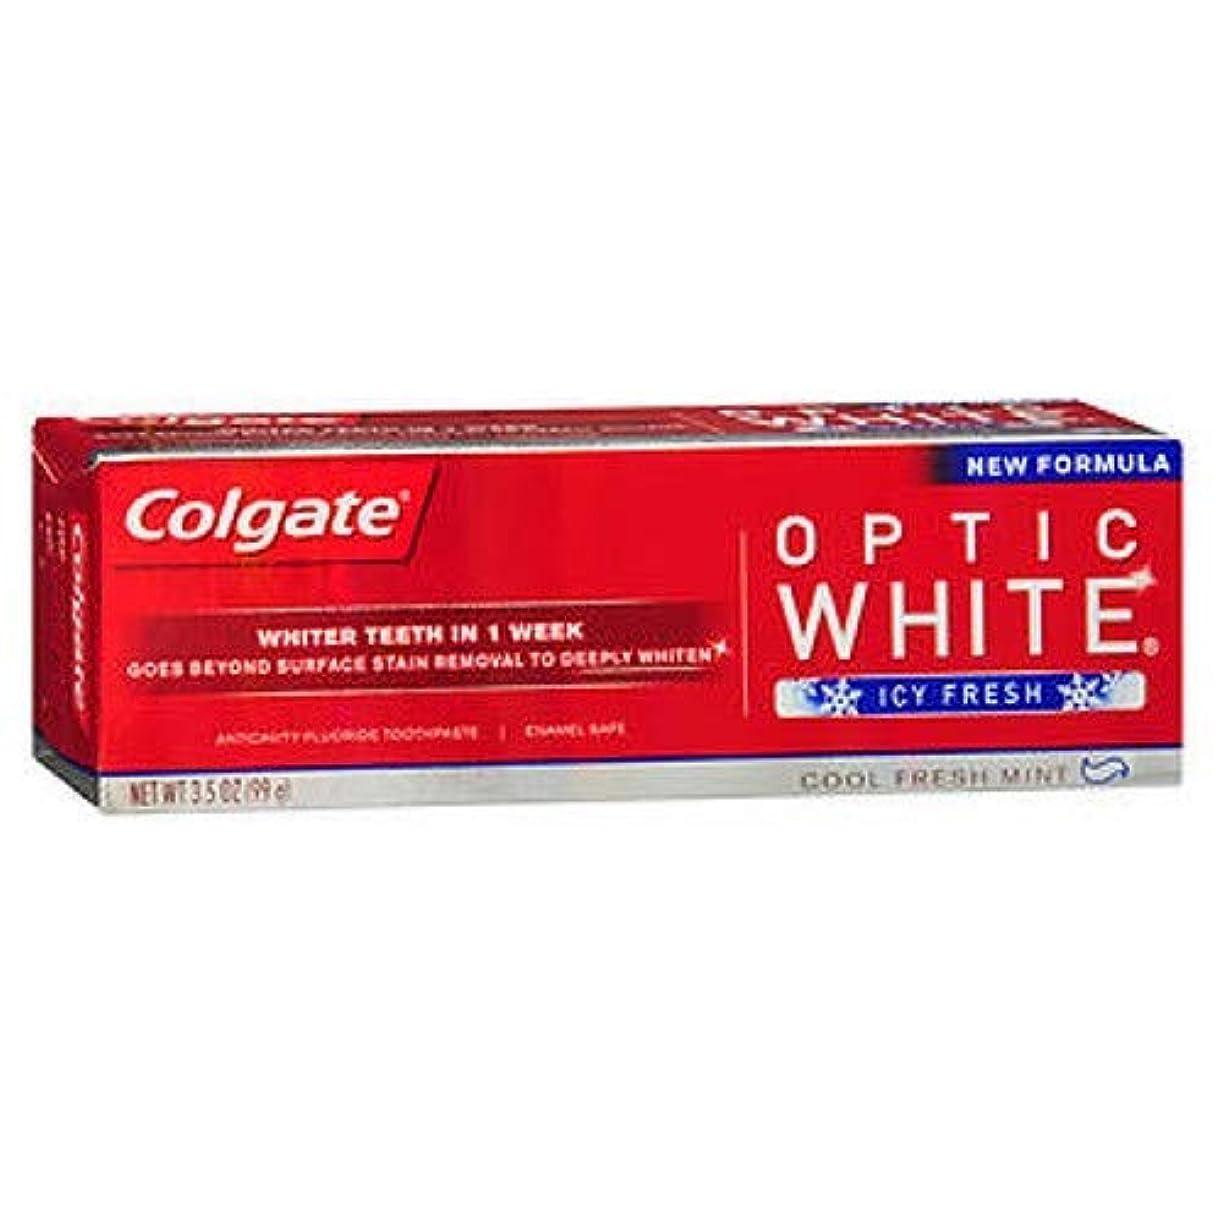 真向こう若者対人Colgate Optic White コルゲート Icy Fresh アドバンス ホワイトニング 99g